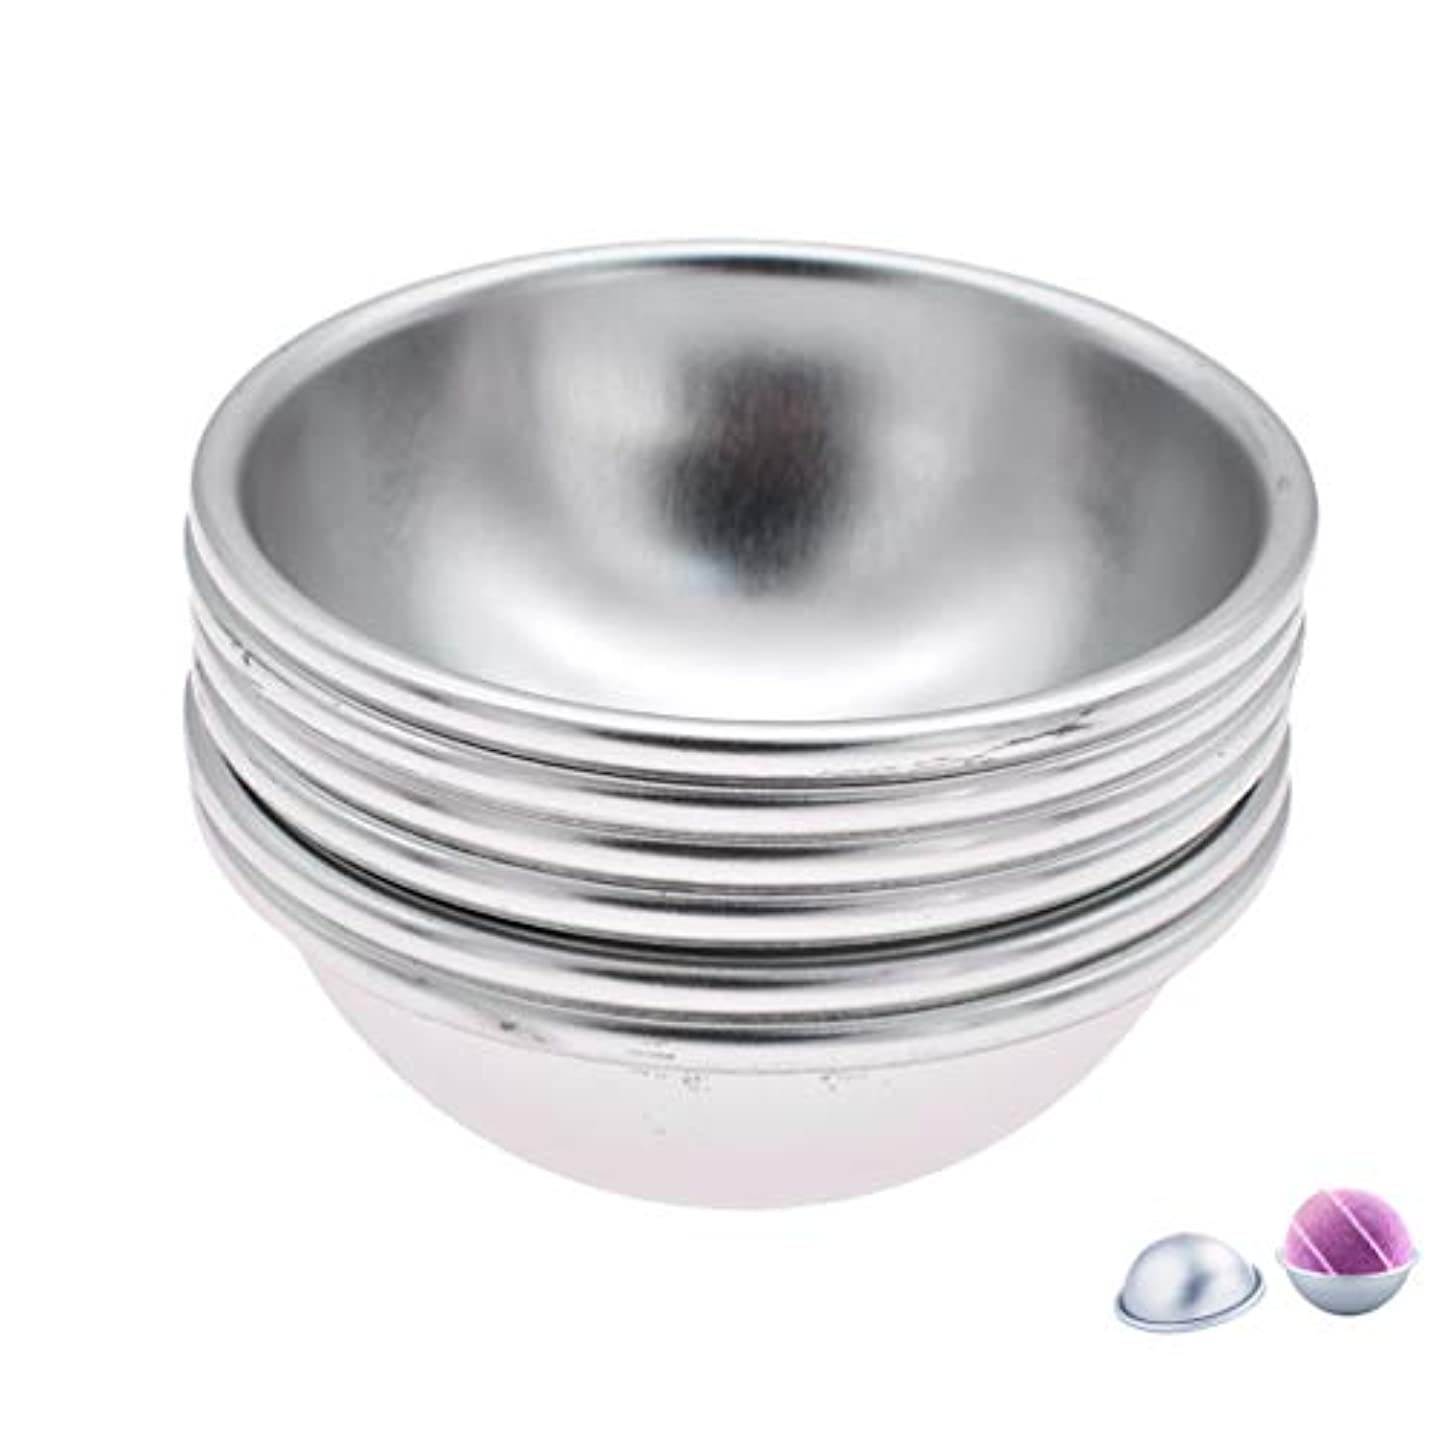 ホイスト科学的に関して(ライチ) Lychee 6個セット バスボム型 石鹸製造ツールセット 円形金型 DIYソープ ハンドメイド 食品にも使用可 ケーキ型 お菓子型